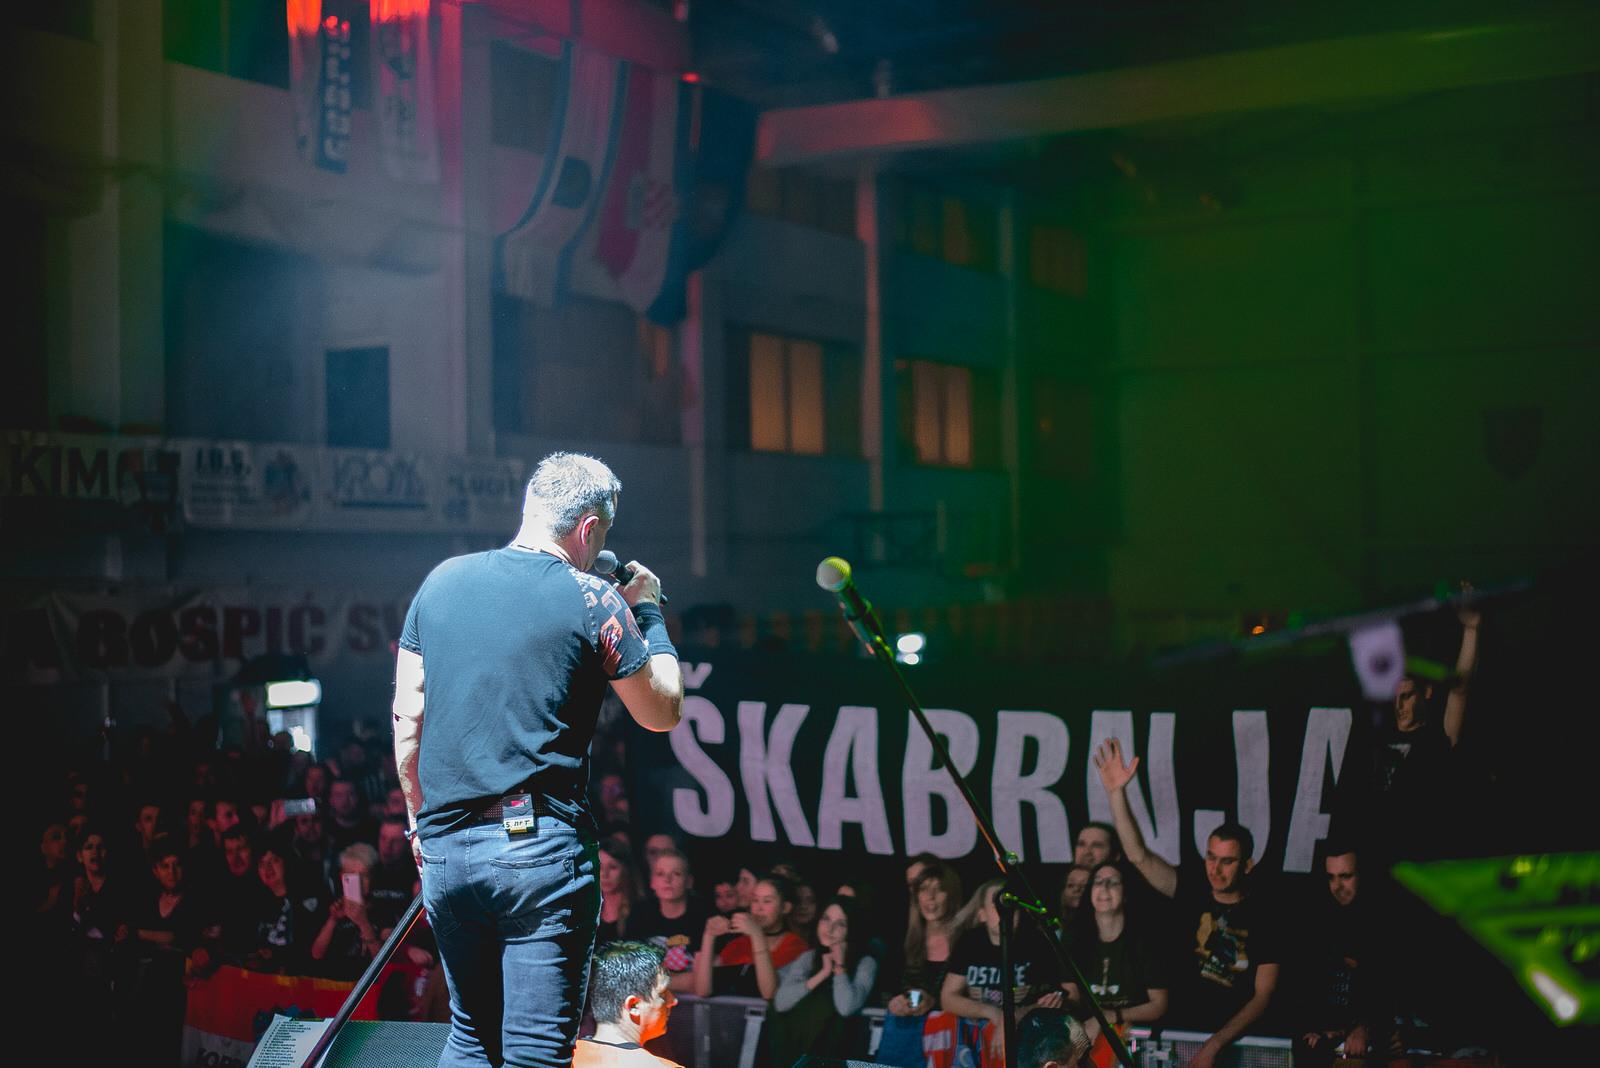 likaclub_gospić_koncert-thompson_2018-94